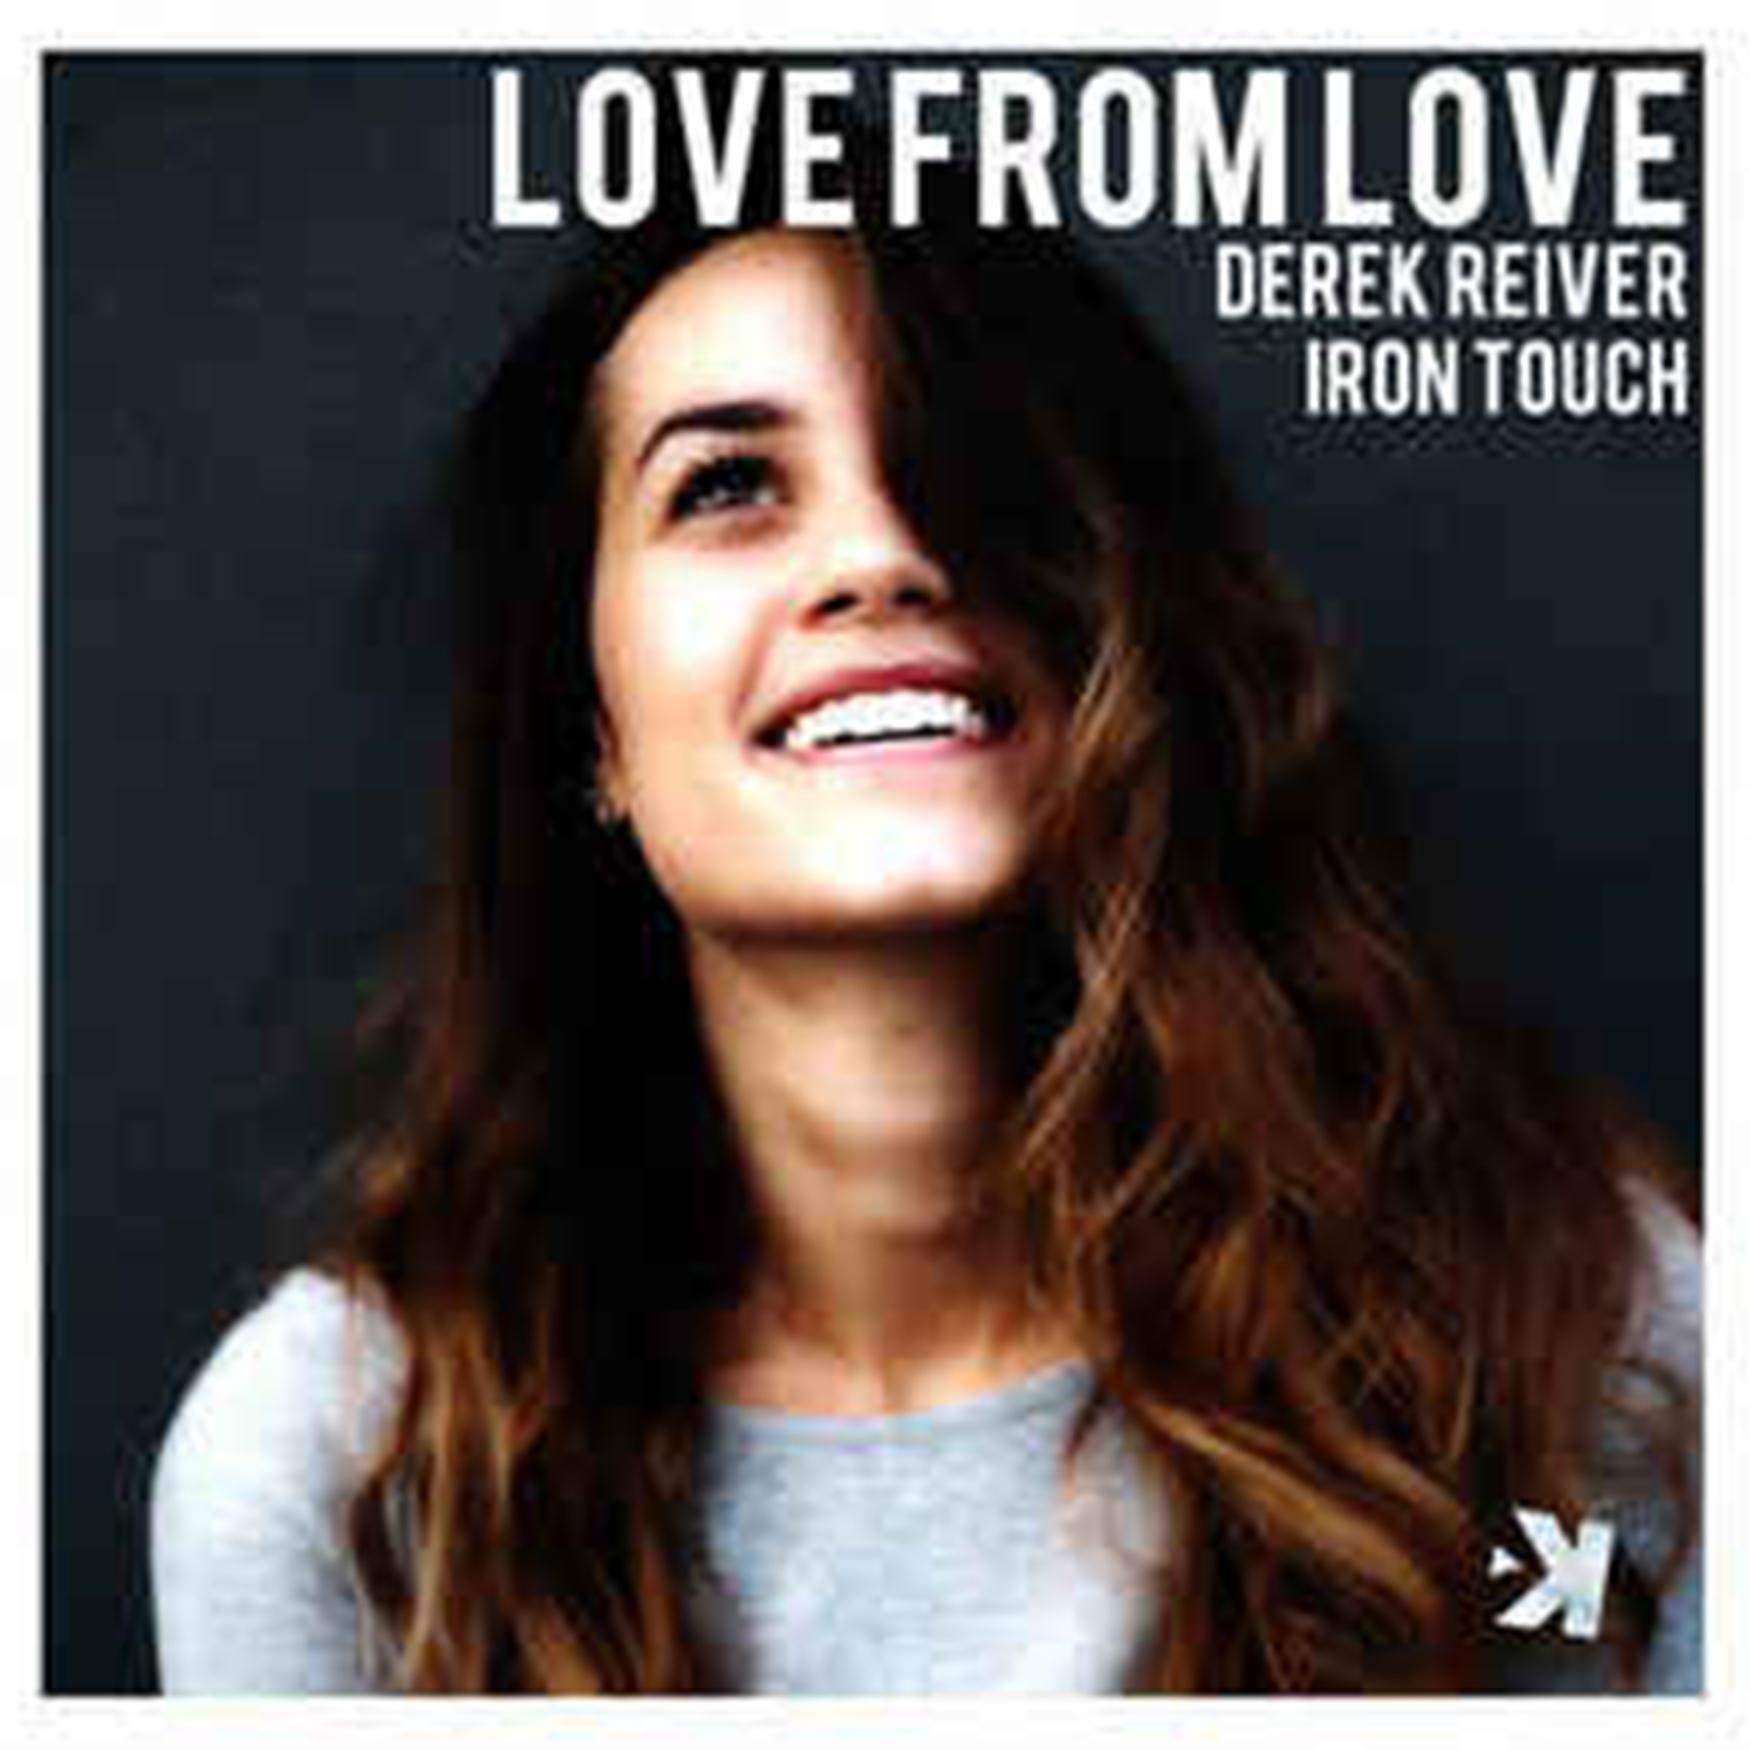 Derek Reiver & Iron Touch - Love From Love